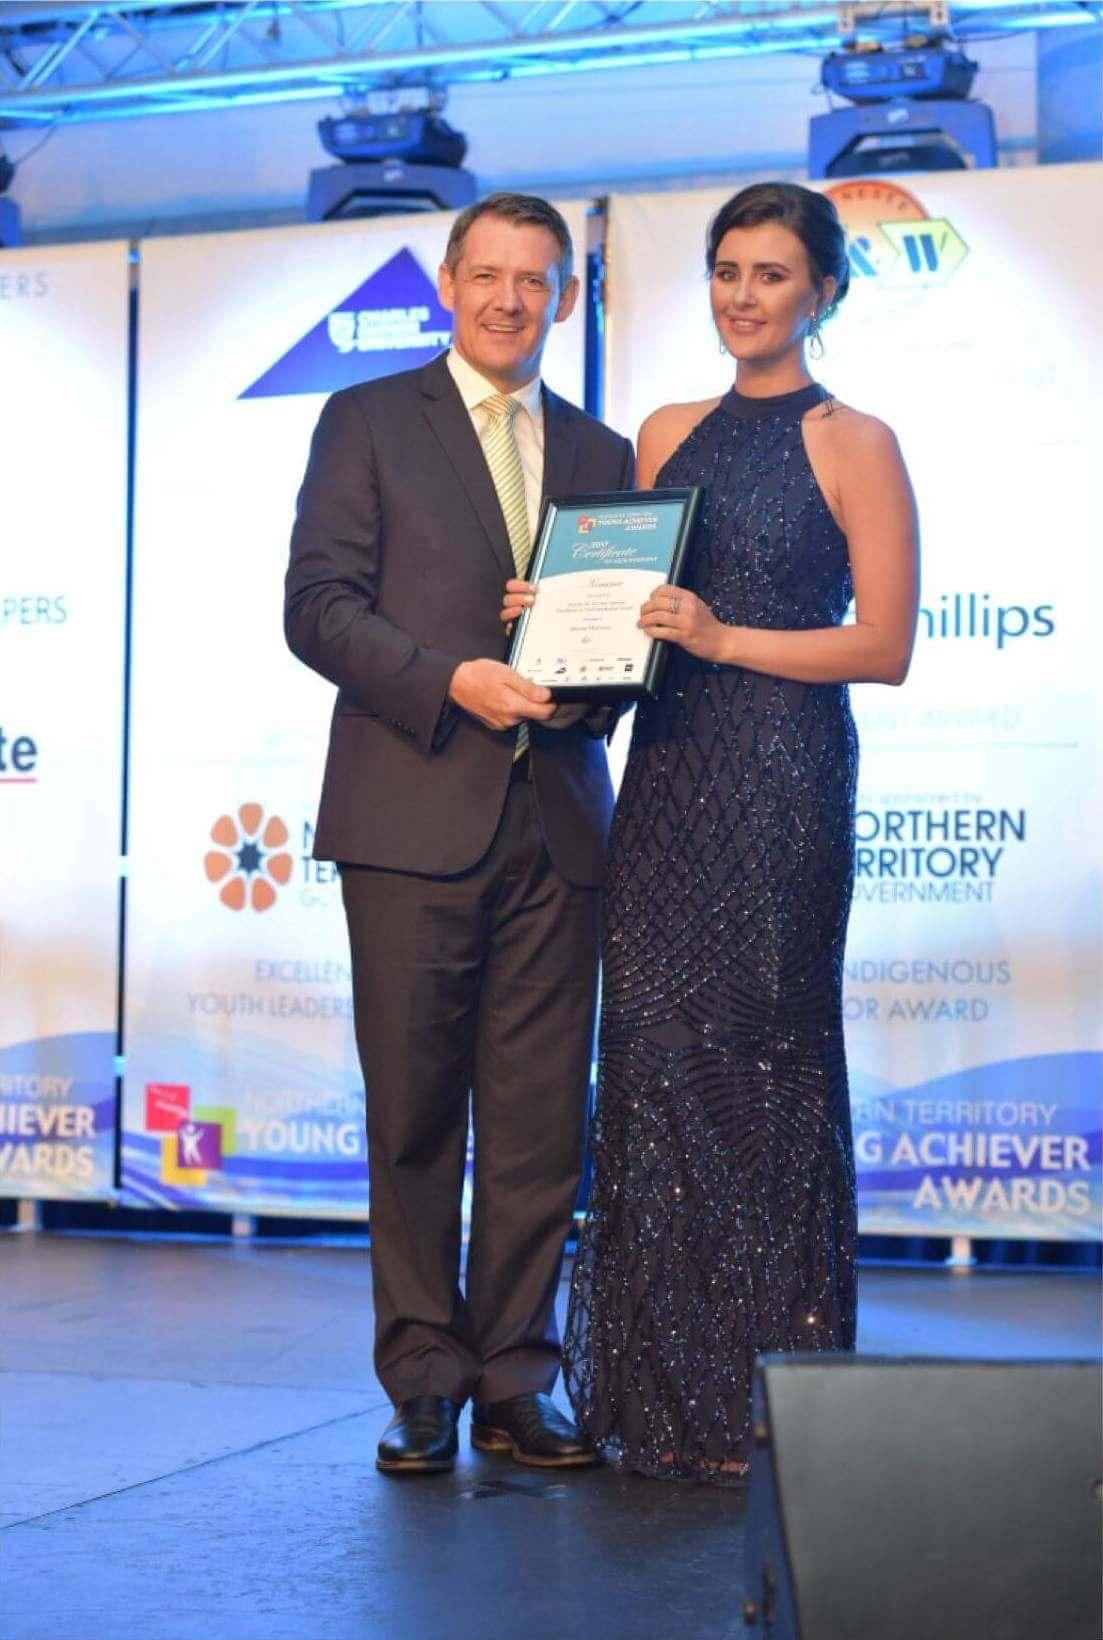 Jessica NT Award